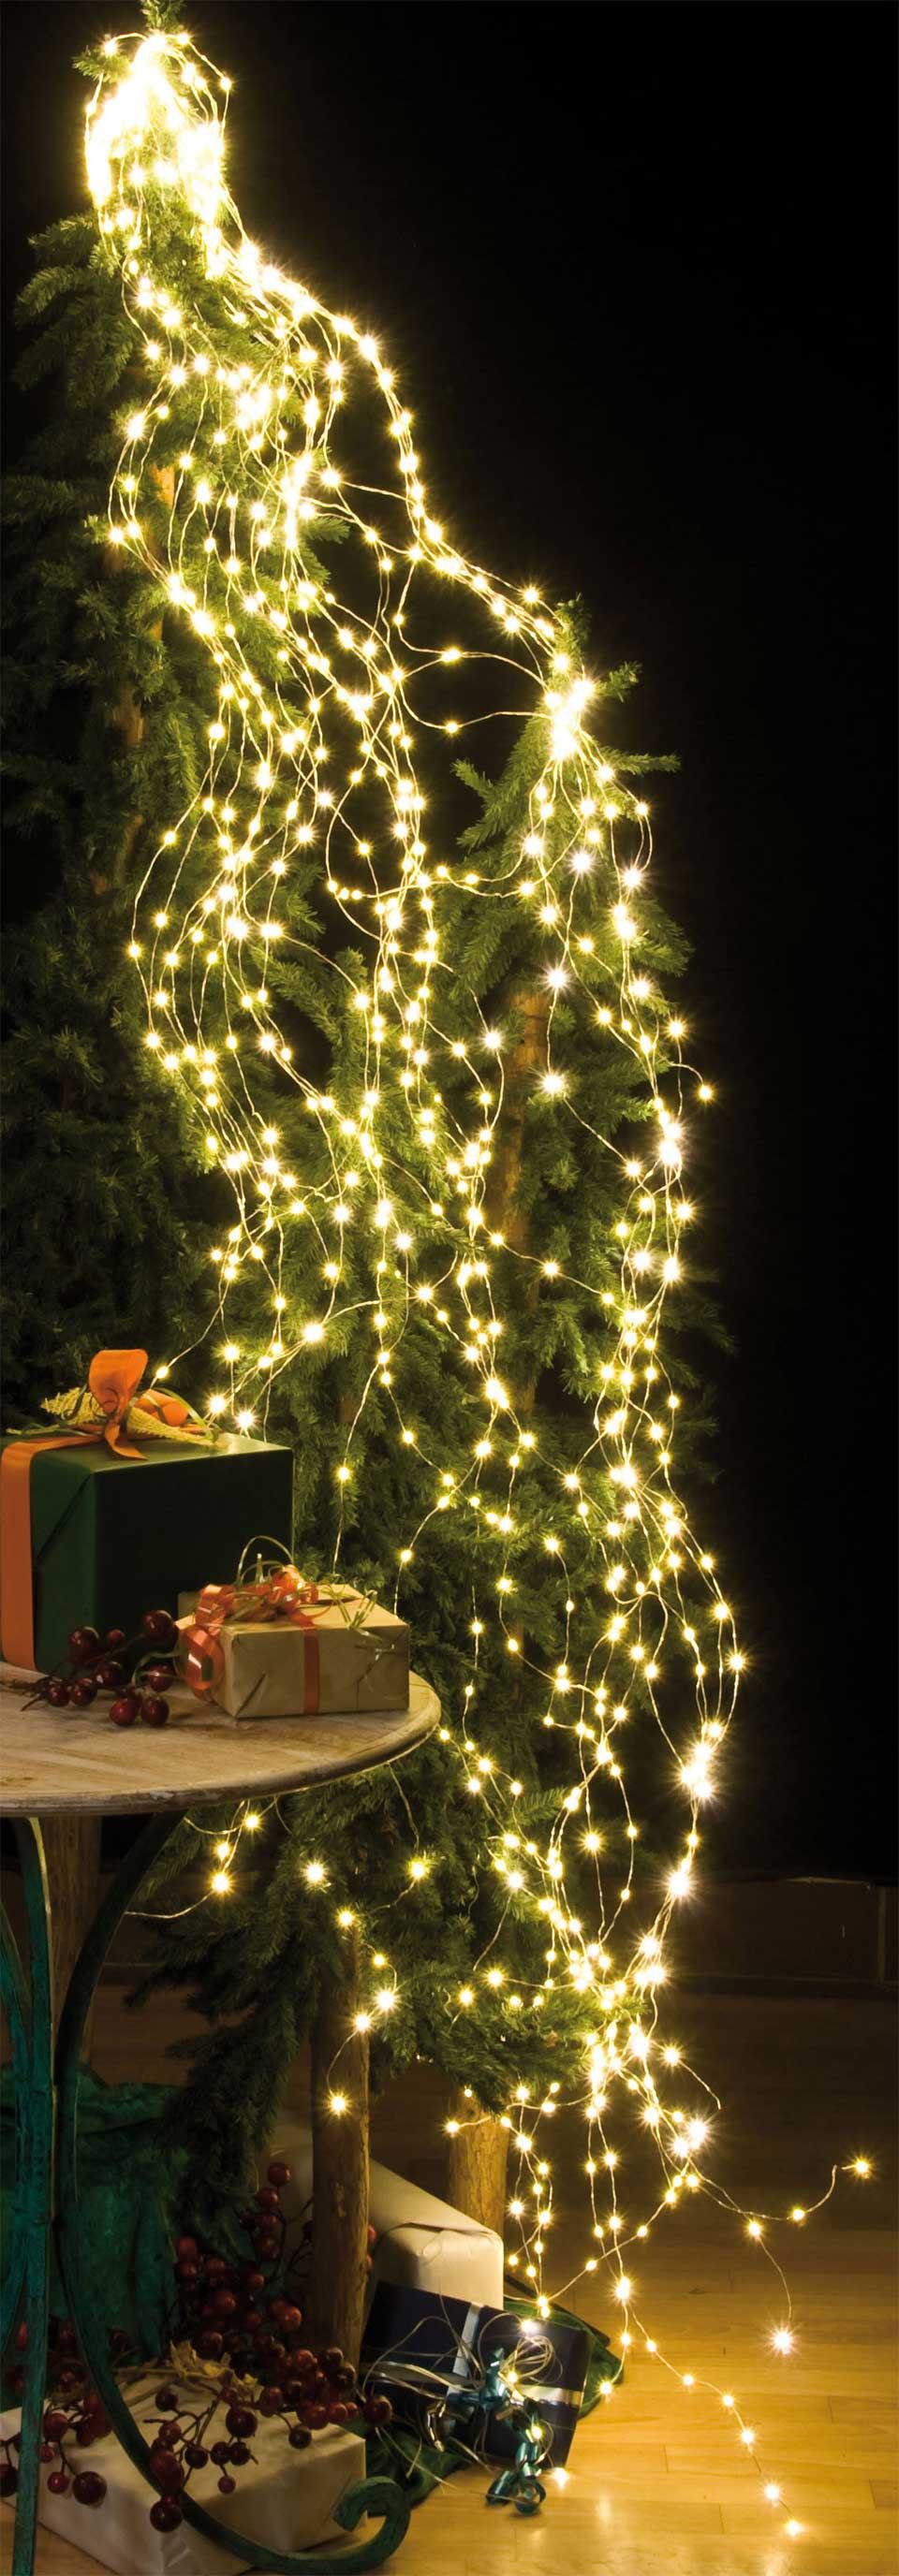 led lichterkette weihnachtsdeko kaskade. Black Bedroom Furniture Sets. Home Design Ideas